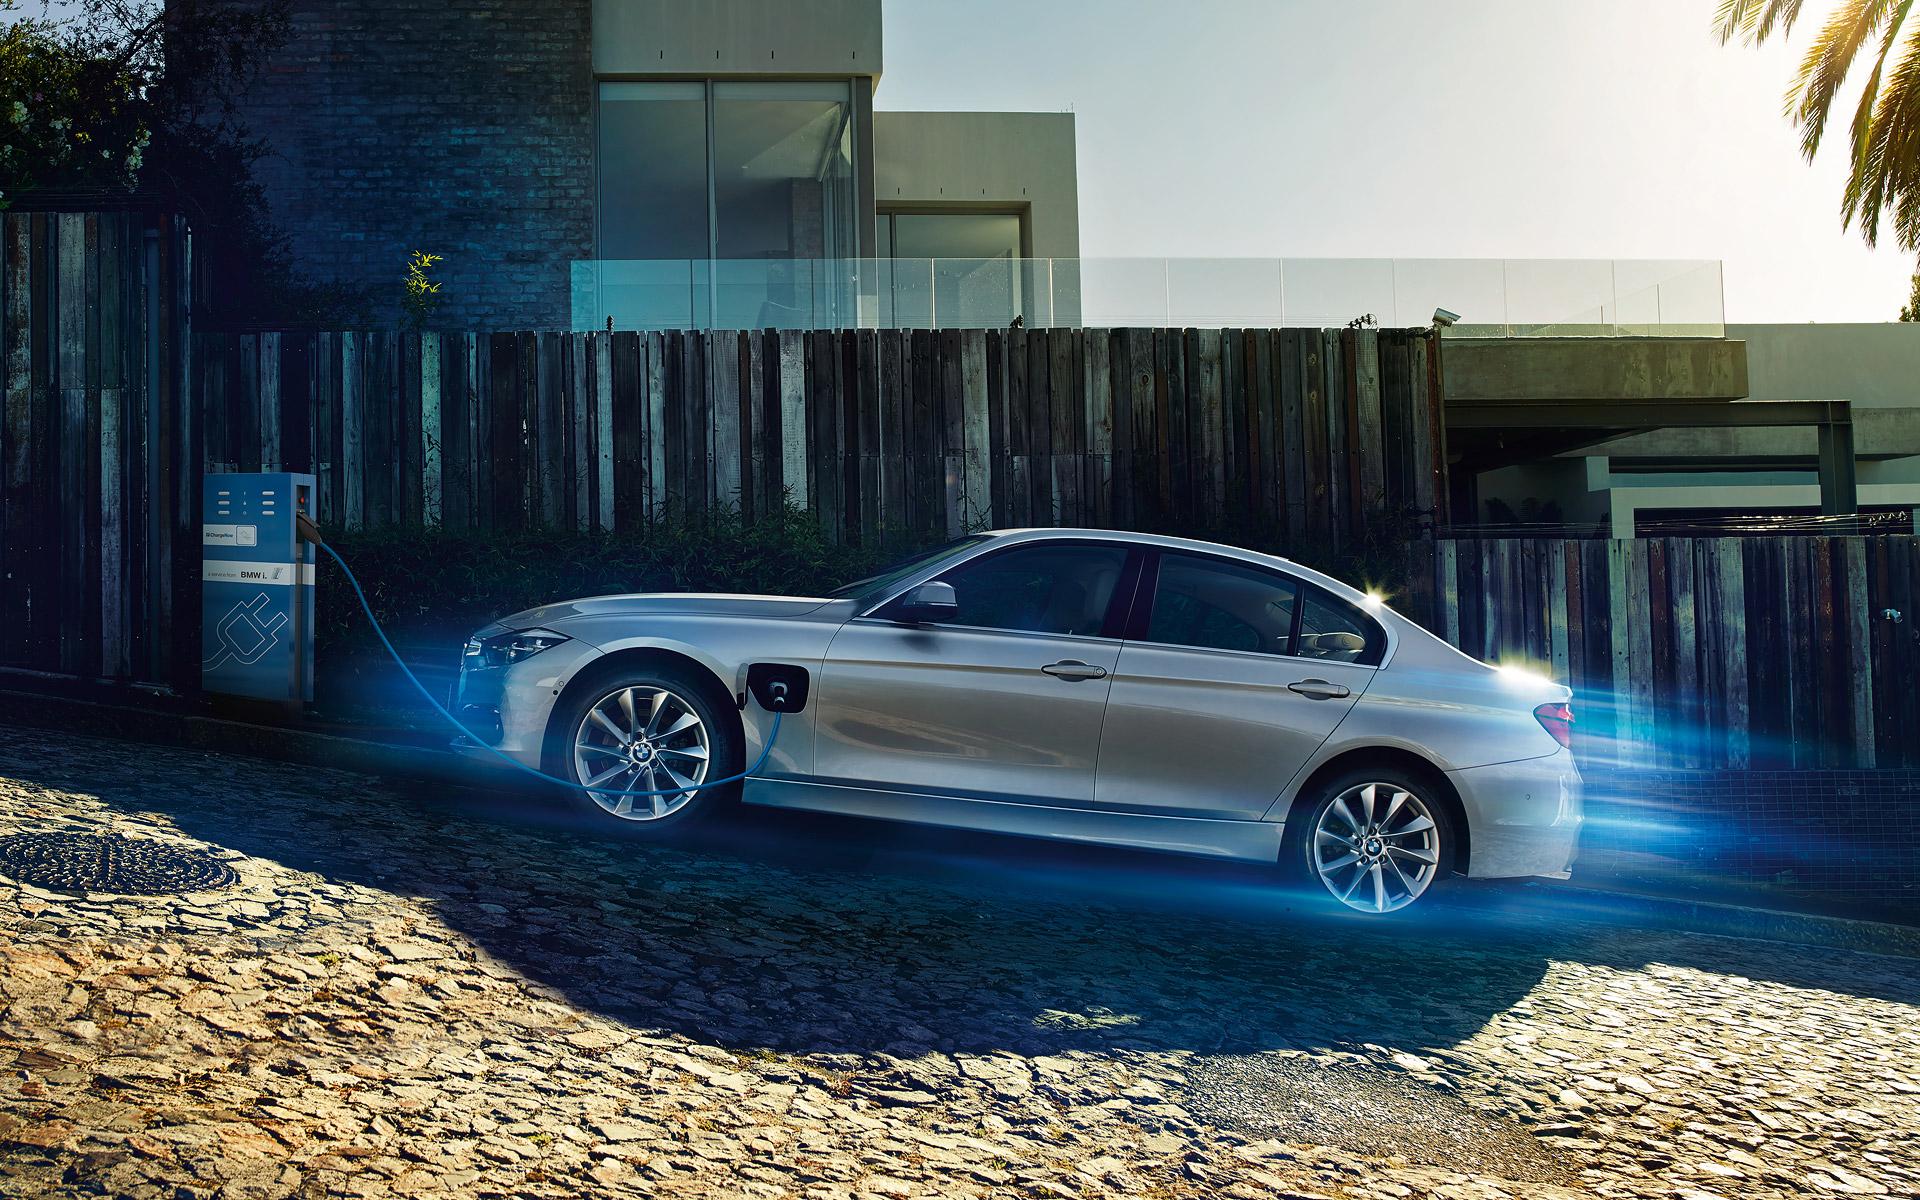 3-series-sedan-wallpaper-1920x1200-10.jpg.resource.1428663579148.jpg